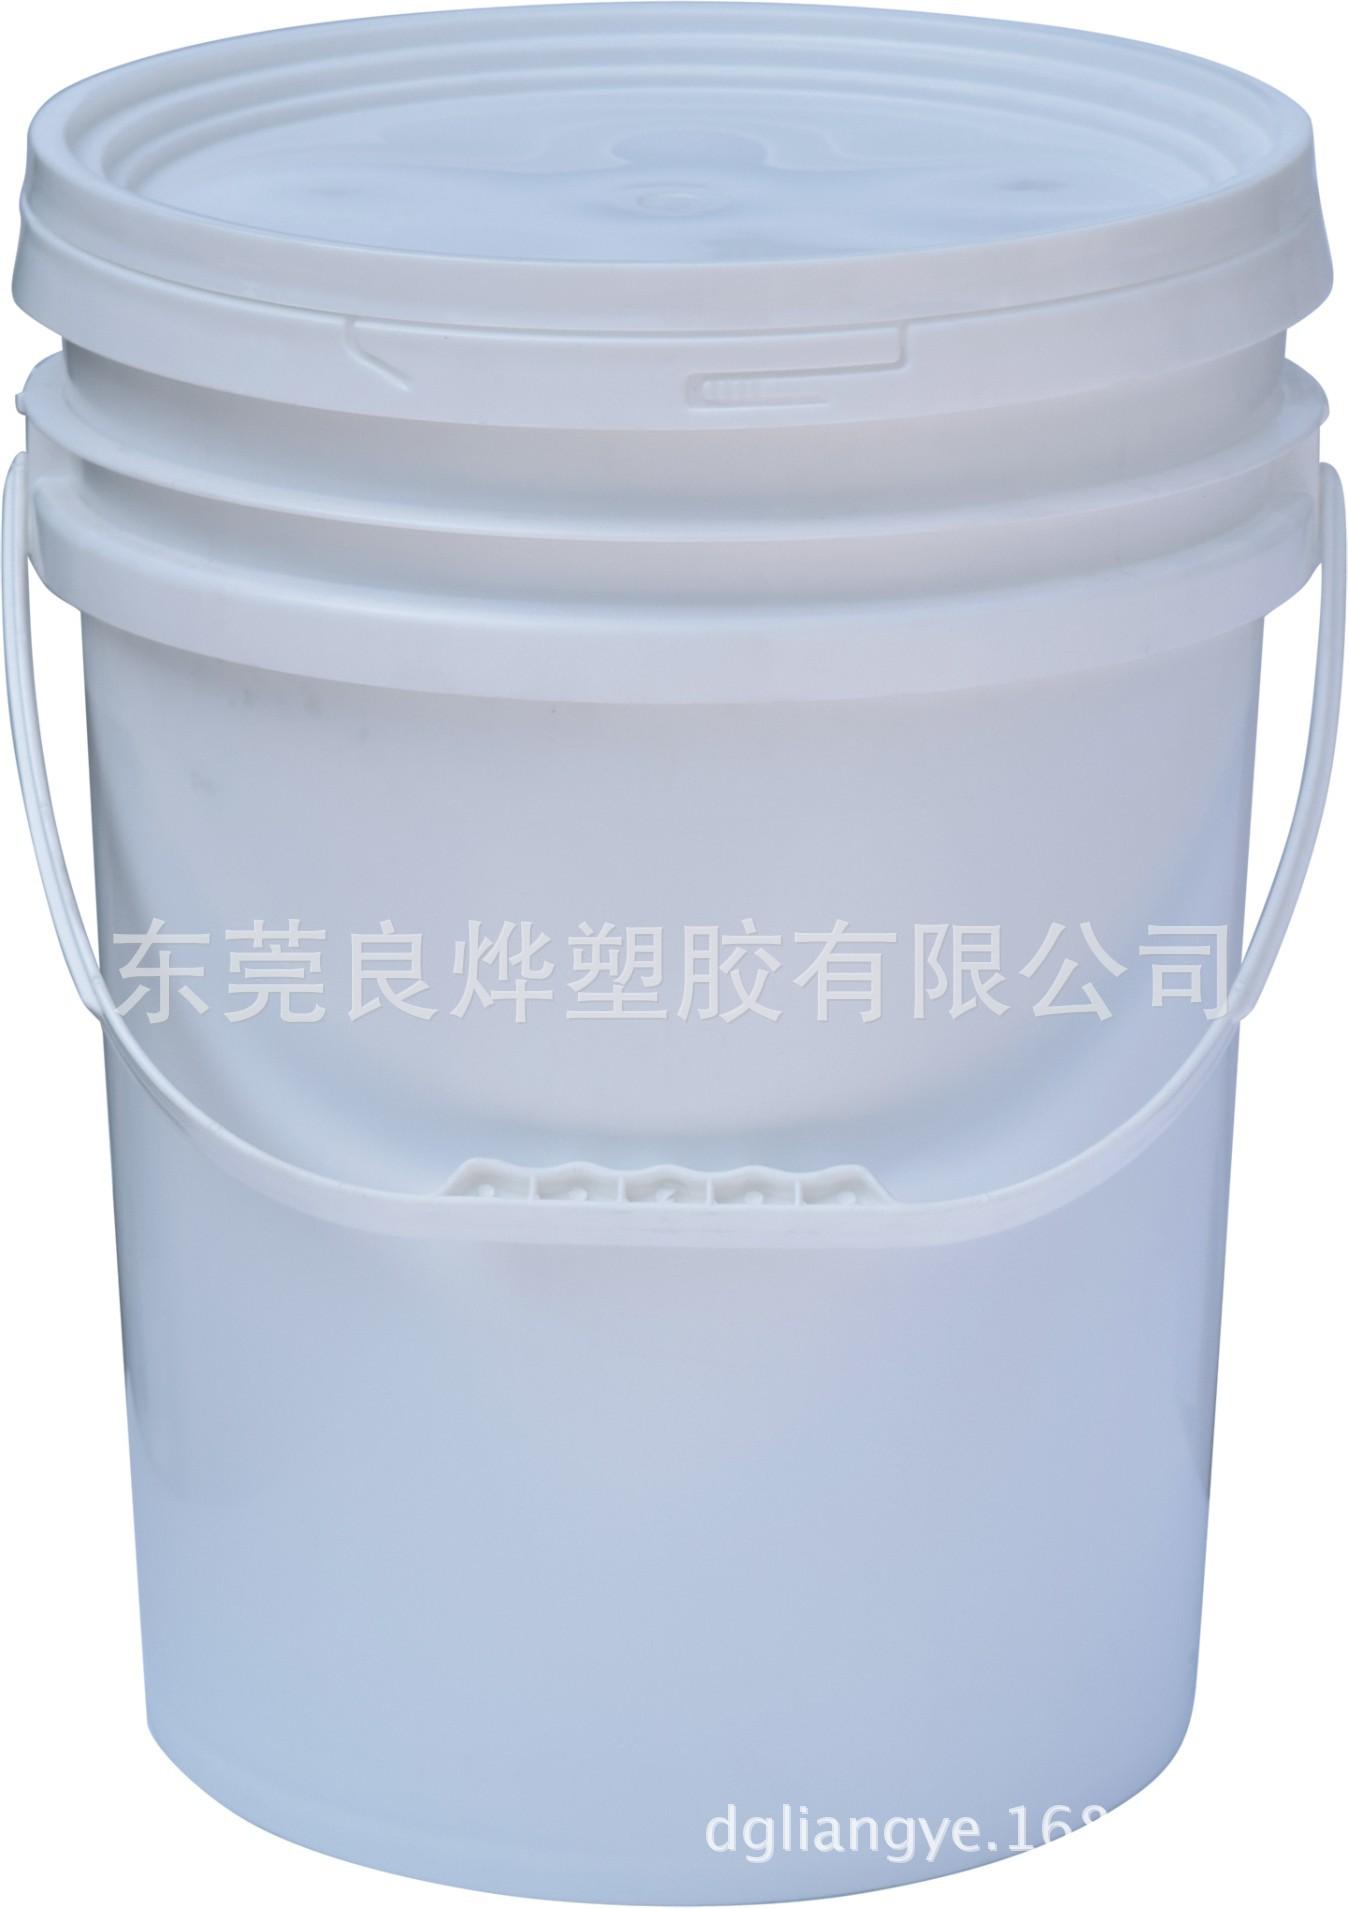 厂家批发化工包装桶可定制塑胶桶